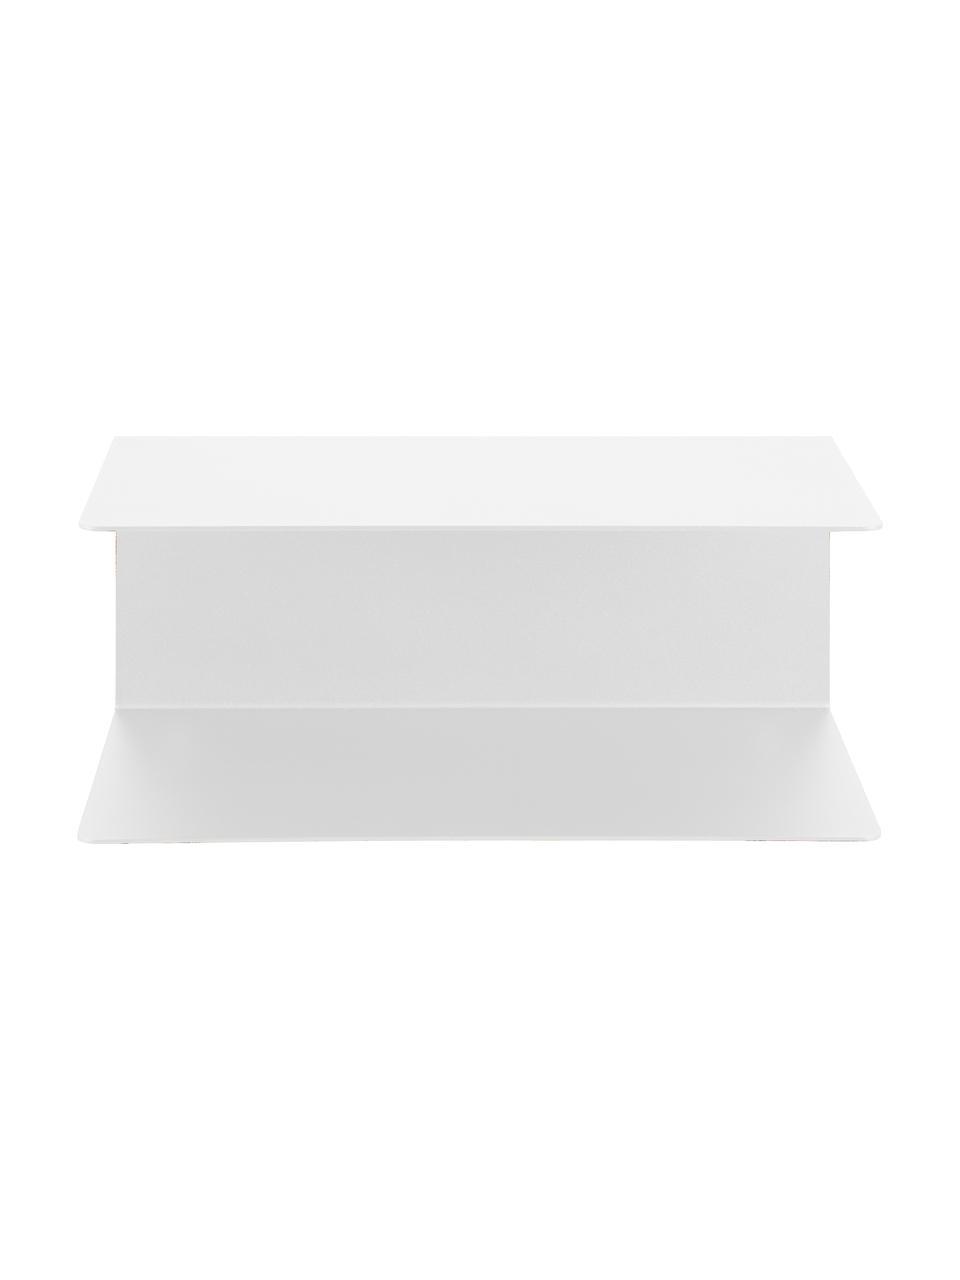 Ścienny stolik nocny z metalu Neptun, 2 szt., Metal malowany proszkowo, Biały, S 35 x W 14 cm